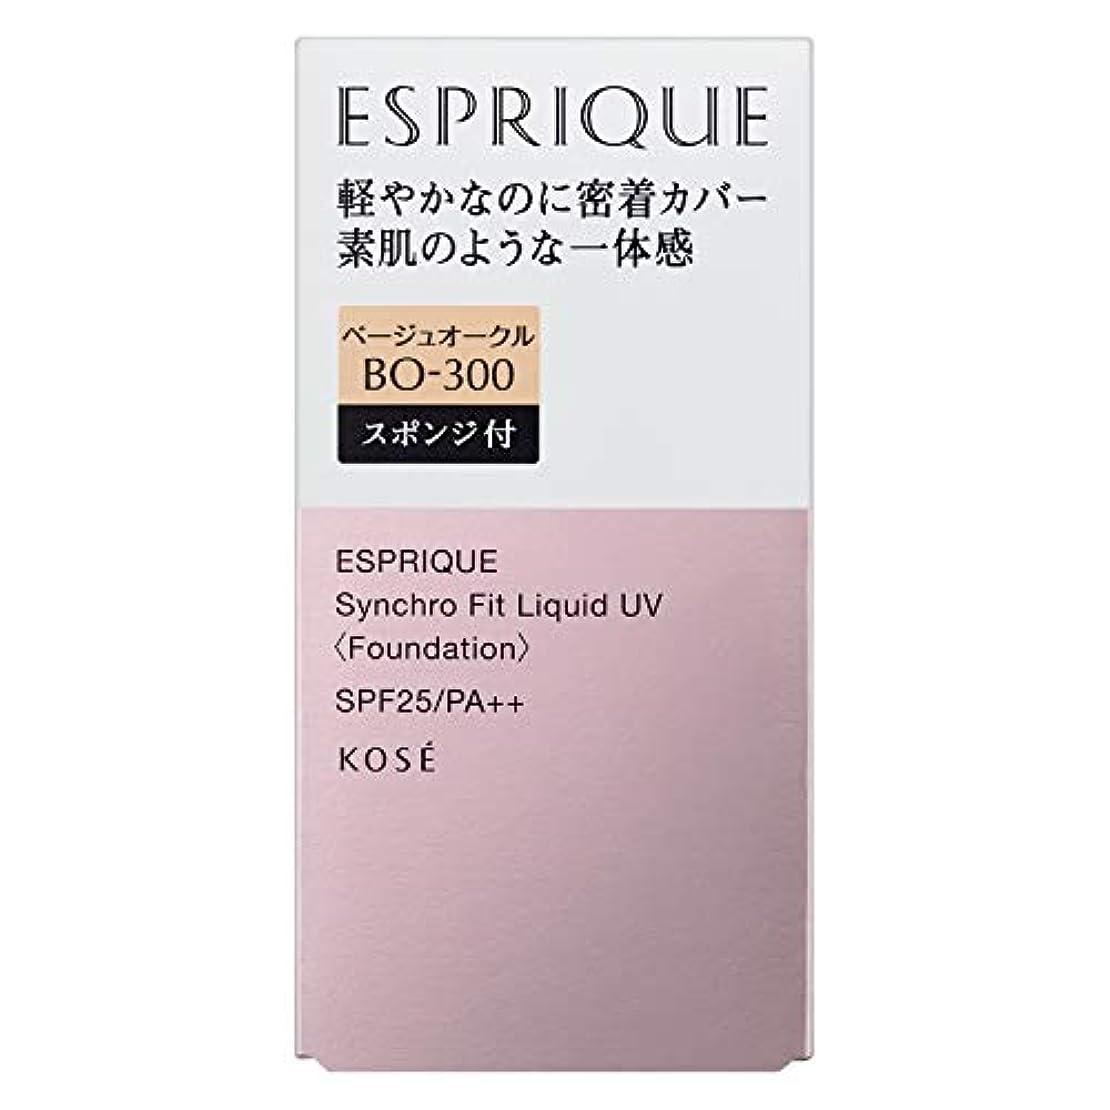 フローティングかる征服ESPRIQUE(エスプリーク) エスプリーク シンクロフィット リキッド UV ファンデーション 無香料 BO-300 ベージュオークル 30g